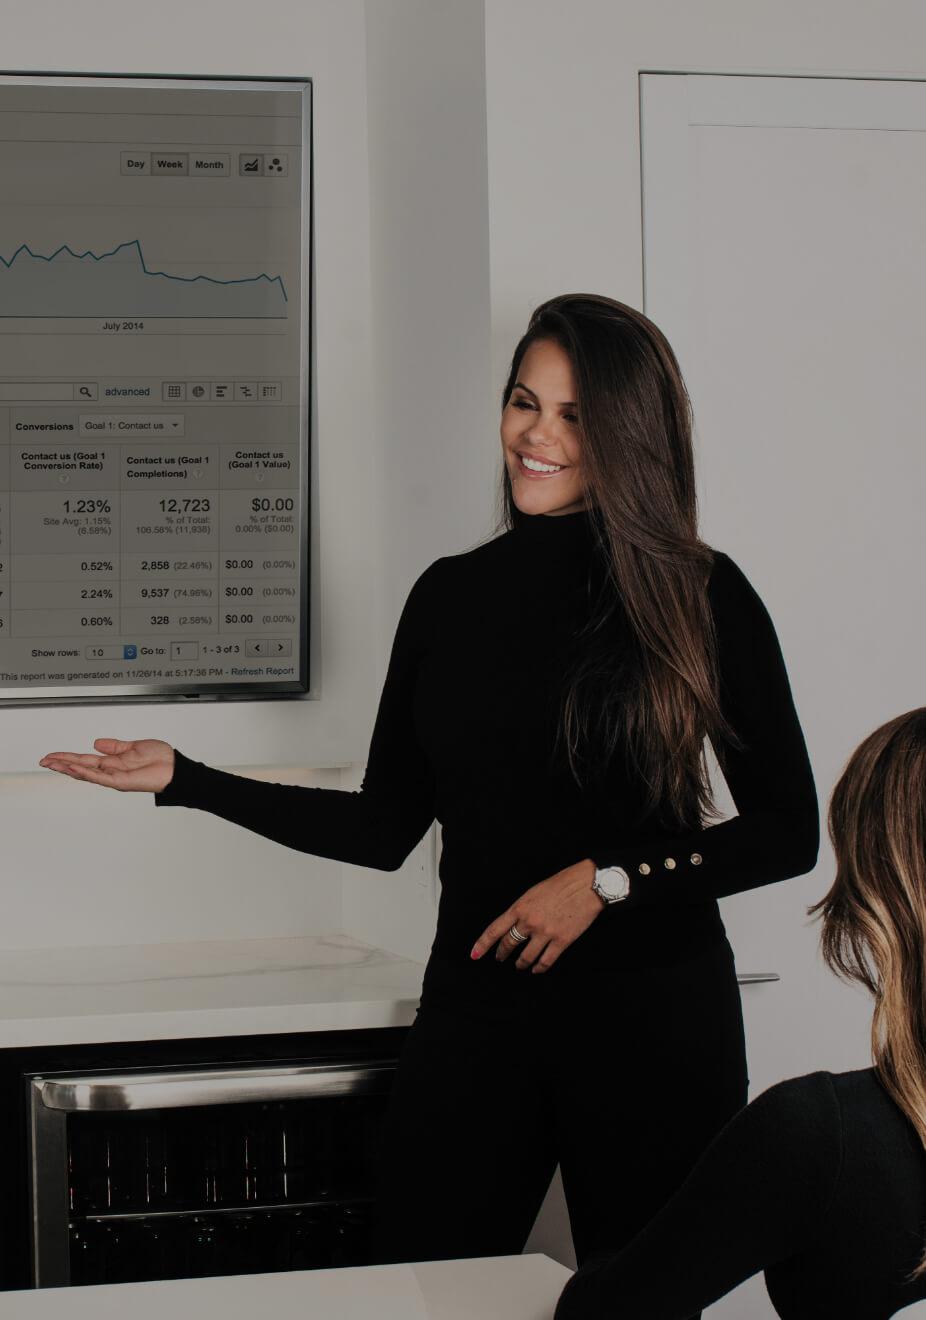 La directrice marketing Marie-Josée Faucher assise à un bureau analysant des données de performance web sur un écran